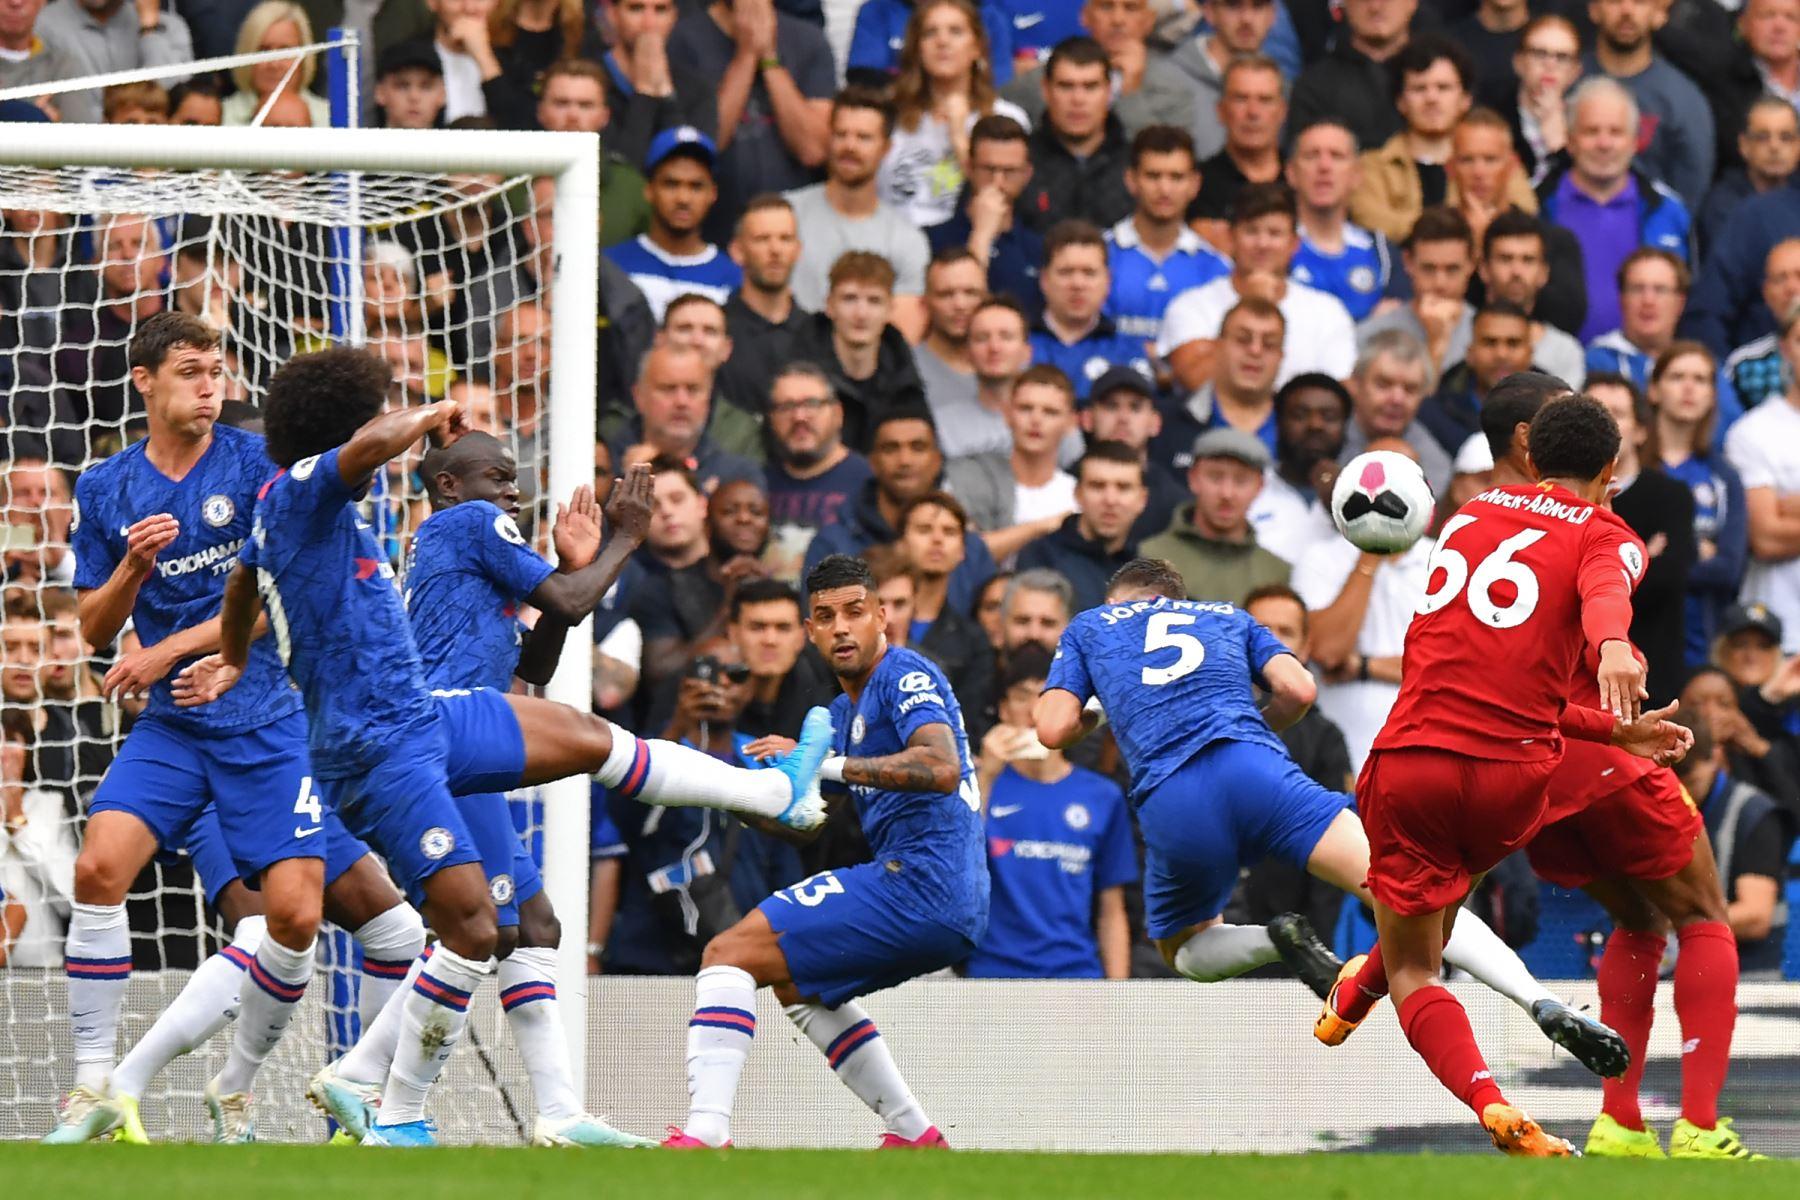 El defensor inglés de Liverpool Trent Alexander-Arnold (R) dispara para marcar el gol de apertura durante el partido de fútbol de la Premier League inglesa entre Chelsea y Liverpool. Foto: AFP